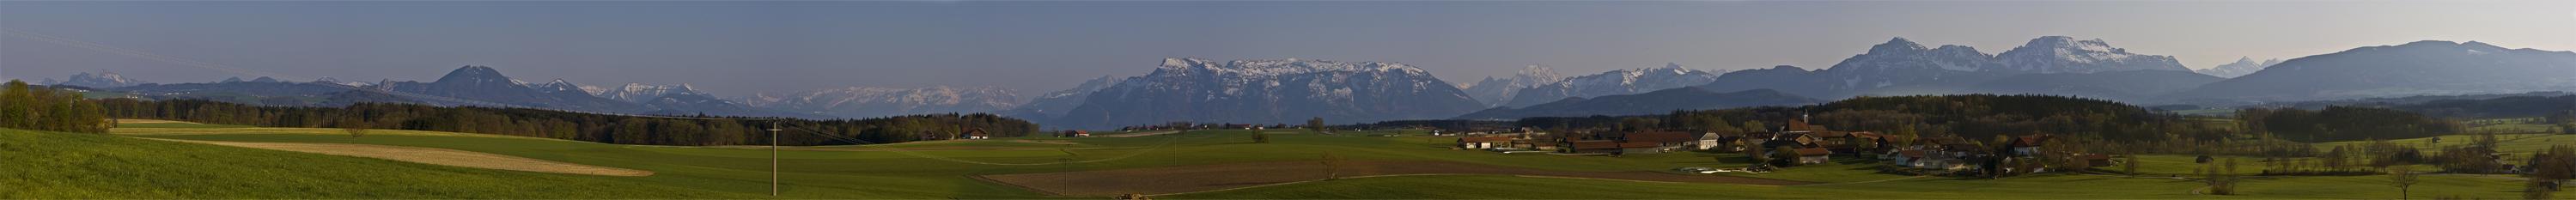 Blick vom Thannberg nach Abtsdorf